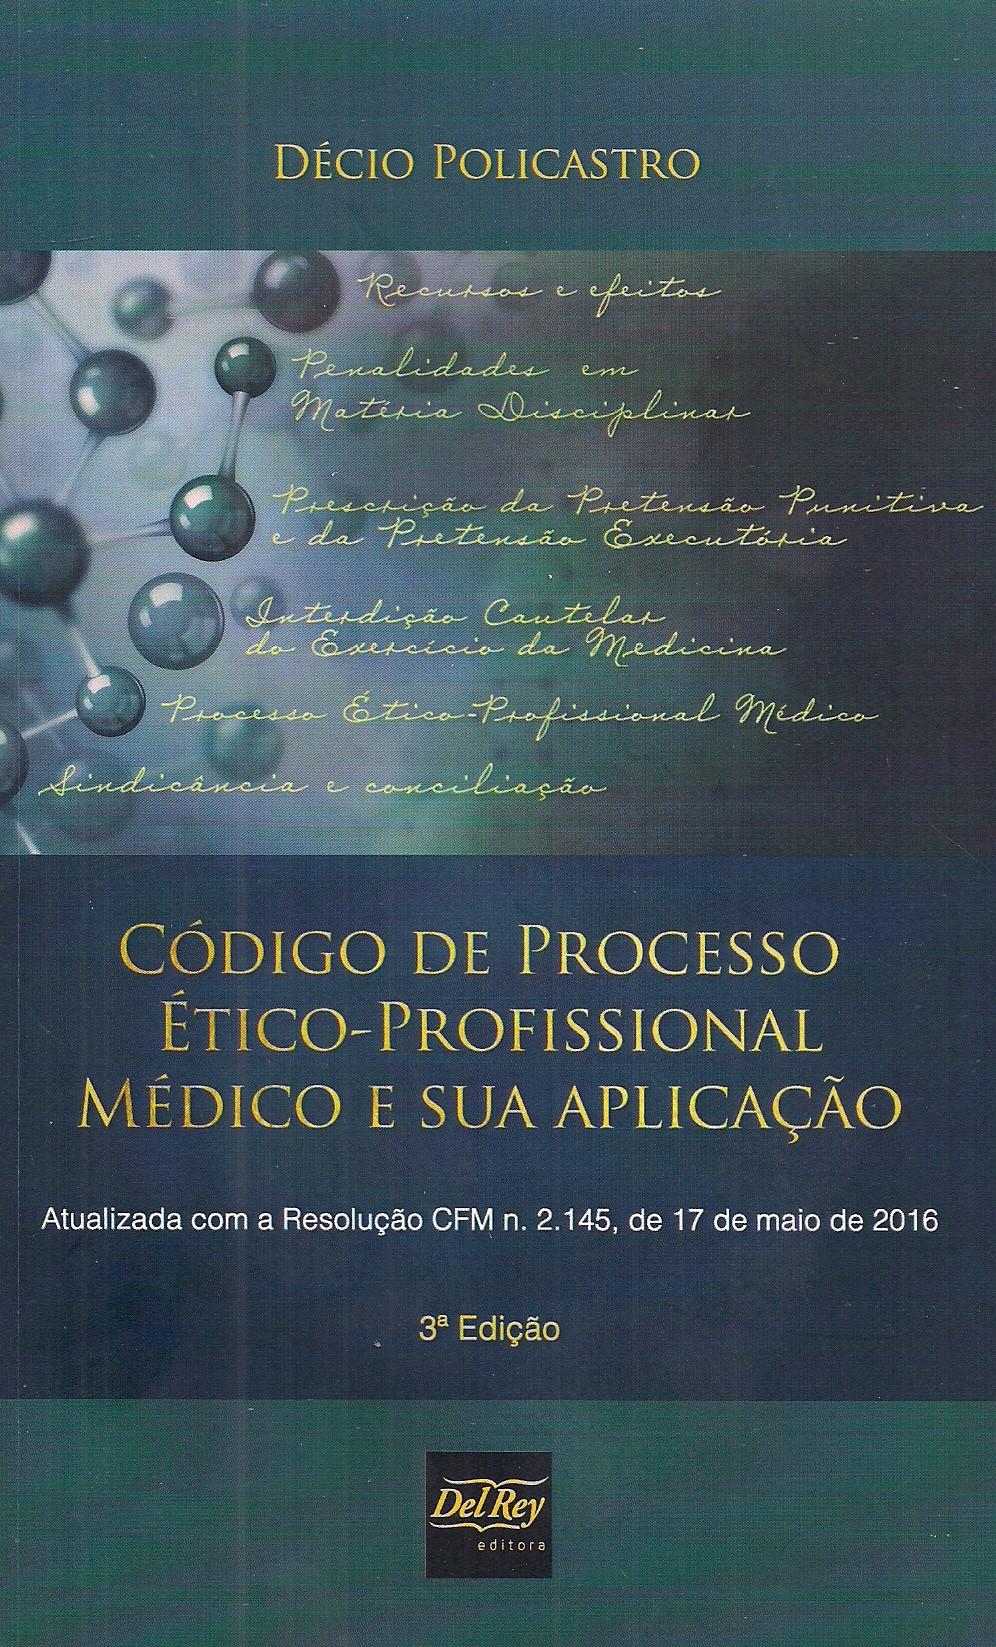 Foto 1 - Código de Processo Ético-Profissional Médico e sua Aplicação